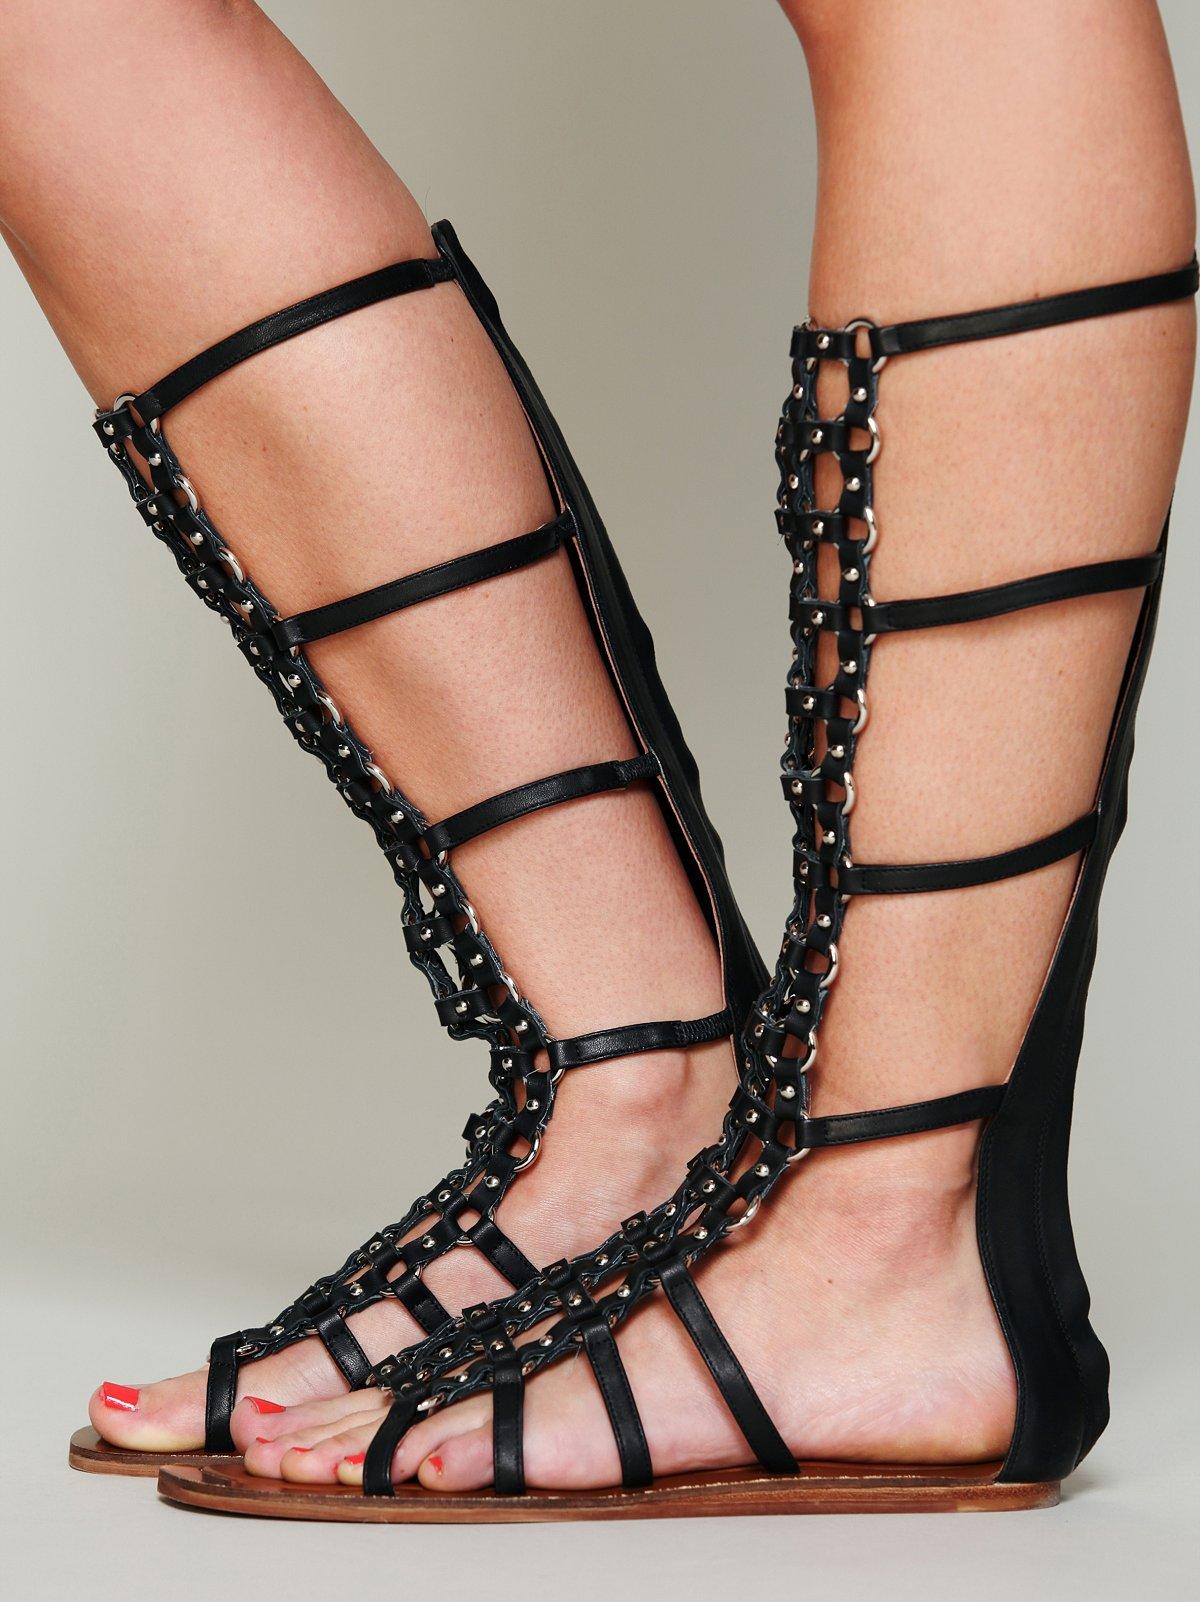 Cursoe Fest Sandal